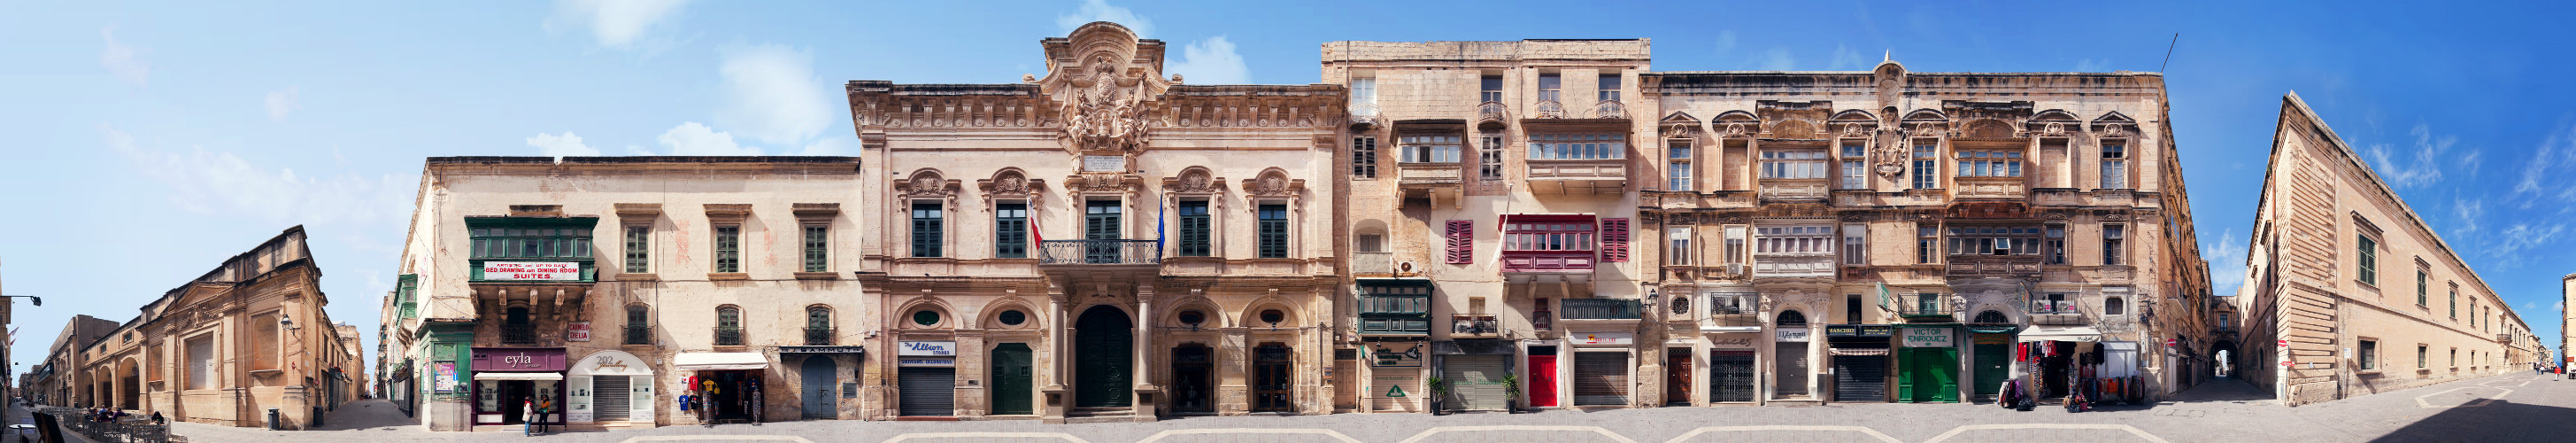 Merchant's Street • Valletta • Malta